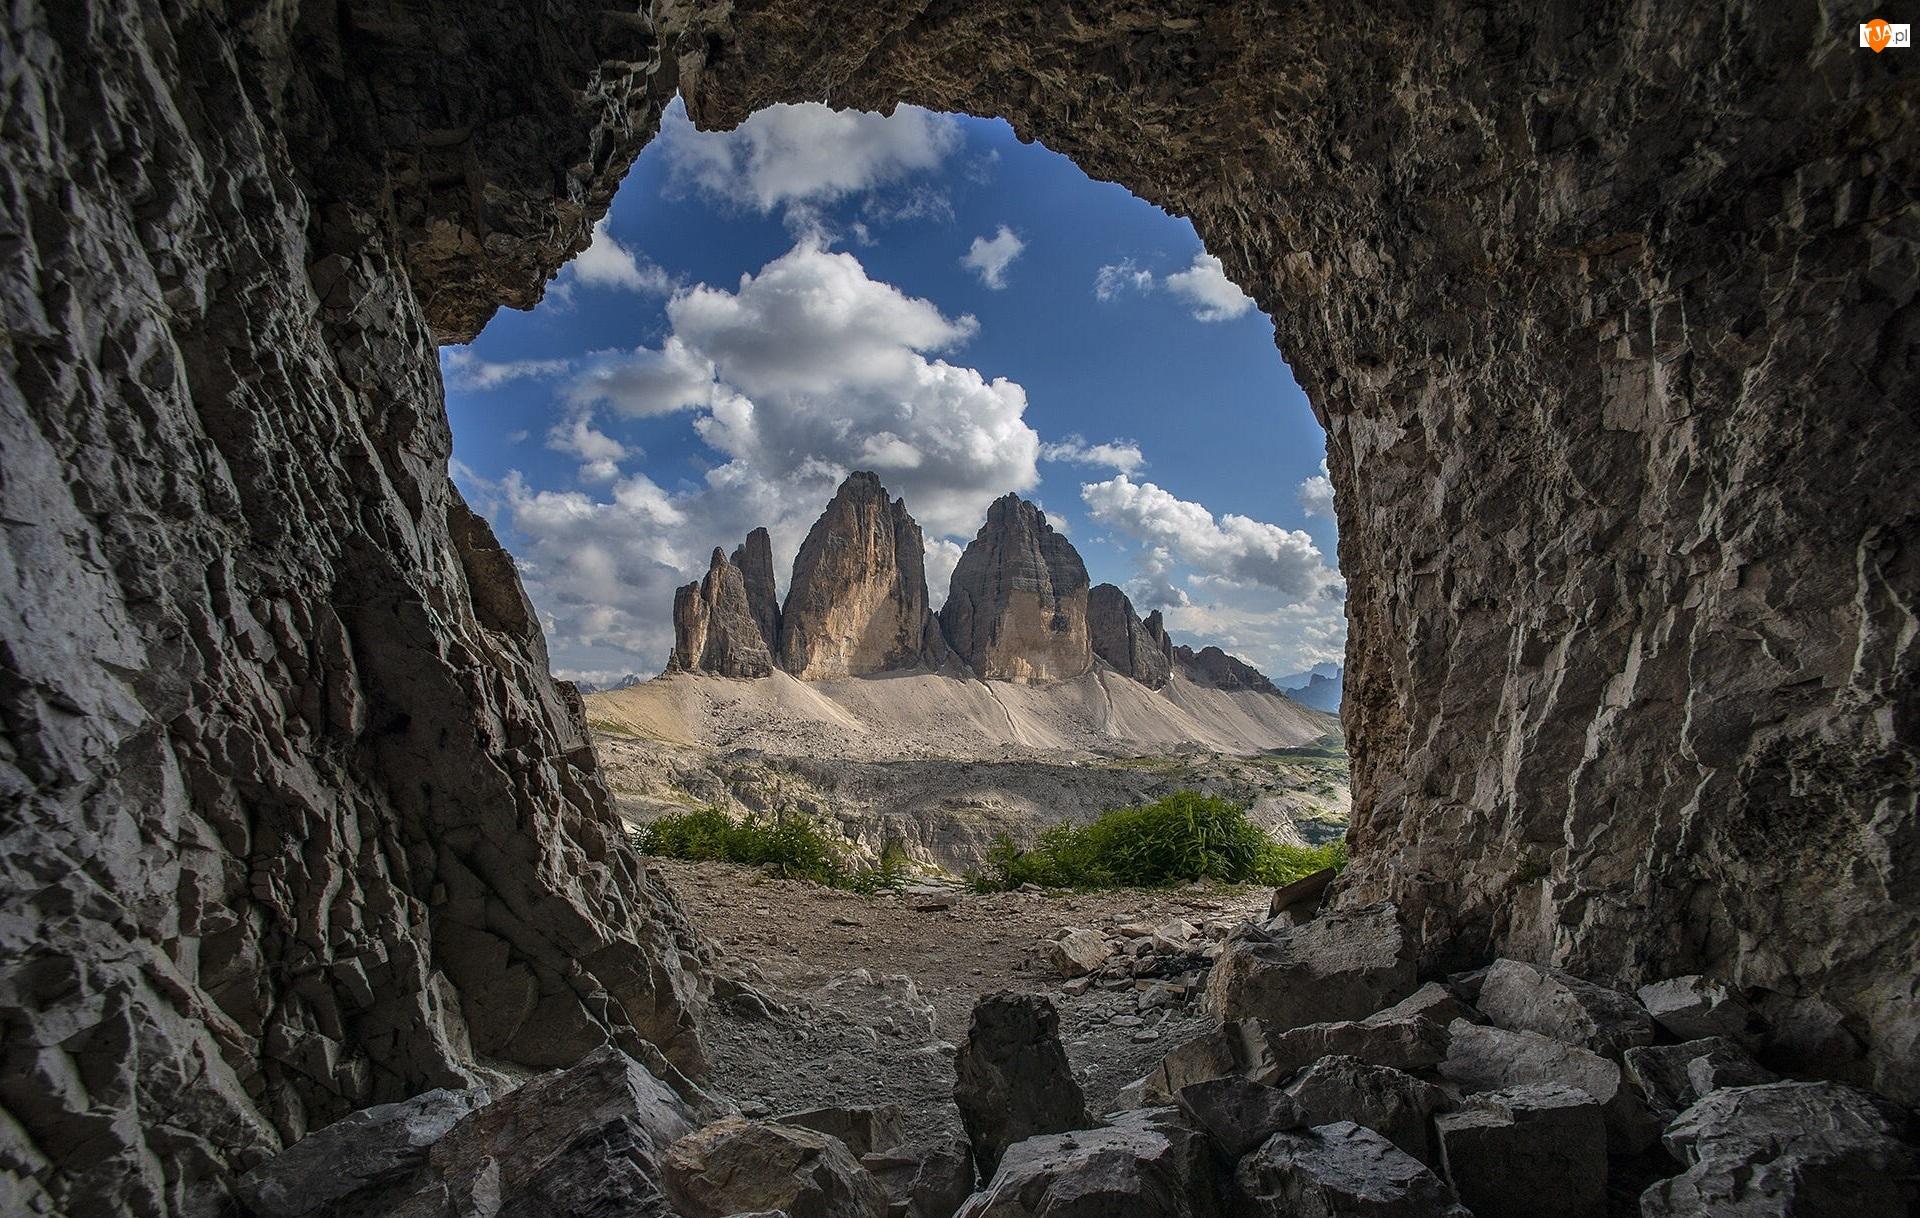 Masyw, Jaskinia, Góry, Tre Cime di Lavaredo, Grota, Dolomity, Włochy, Skała